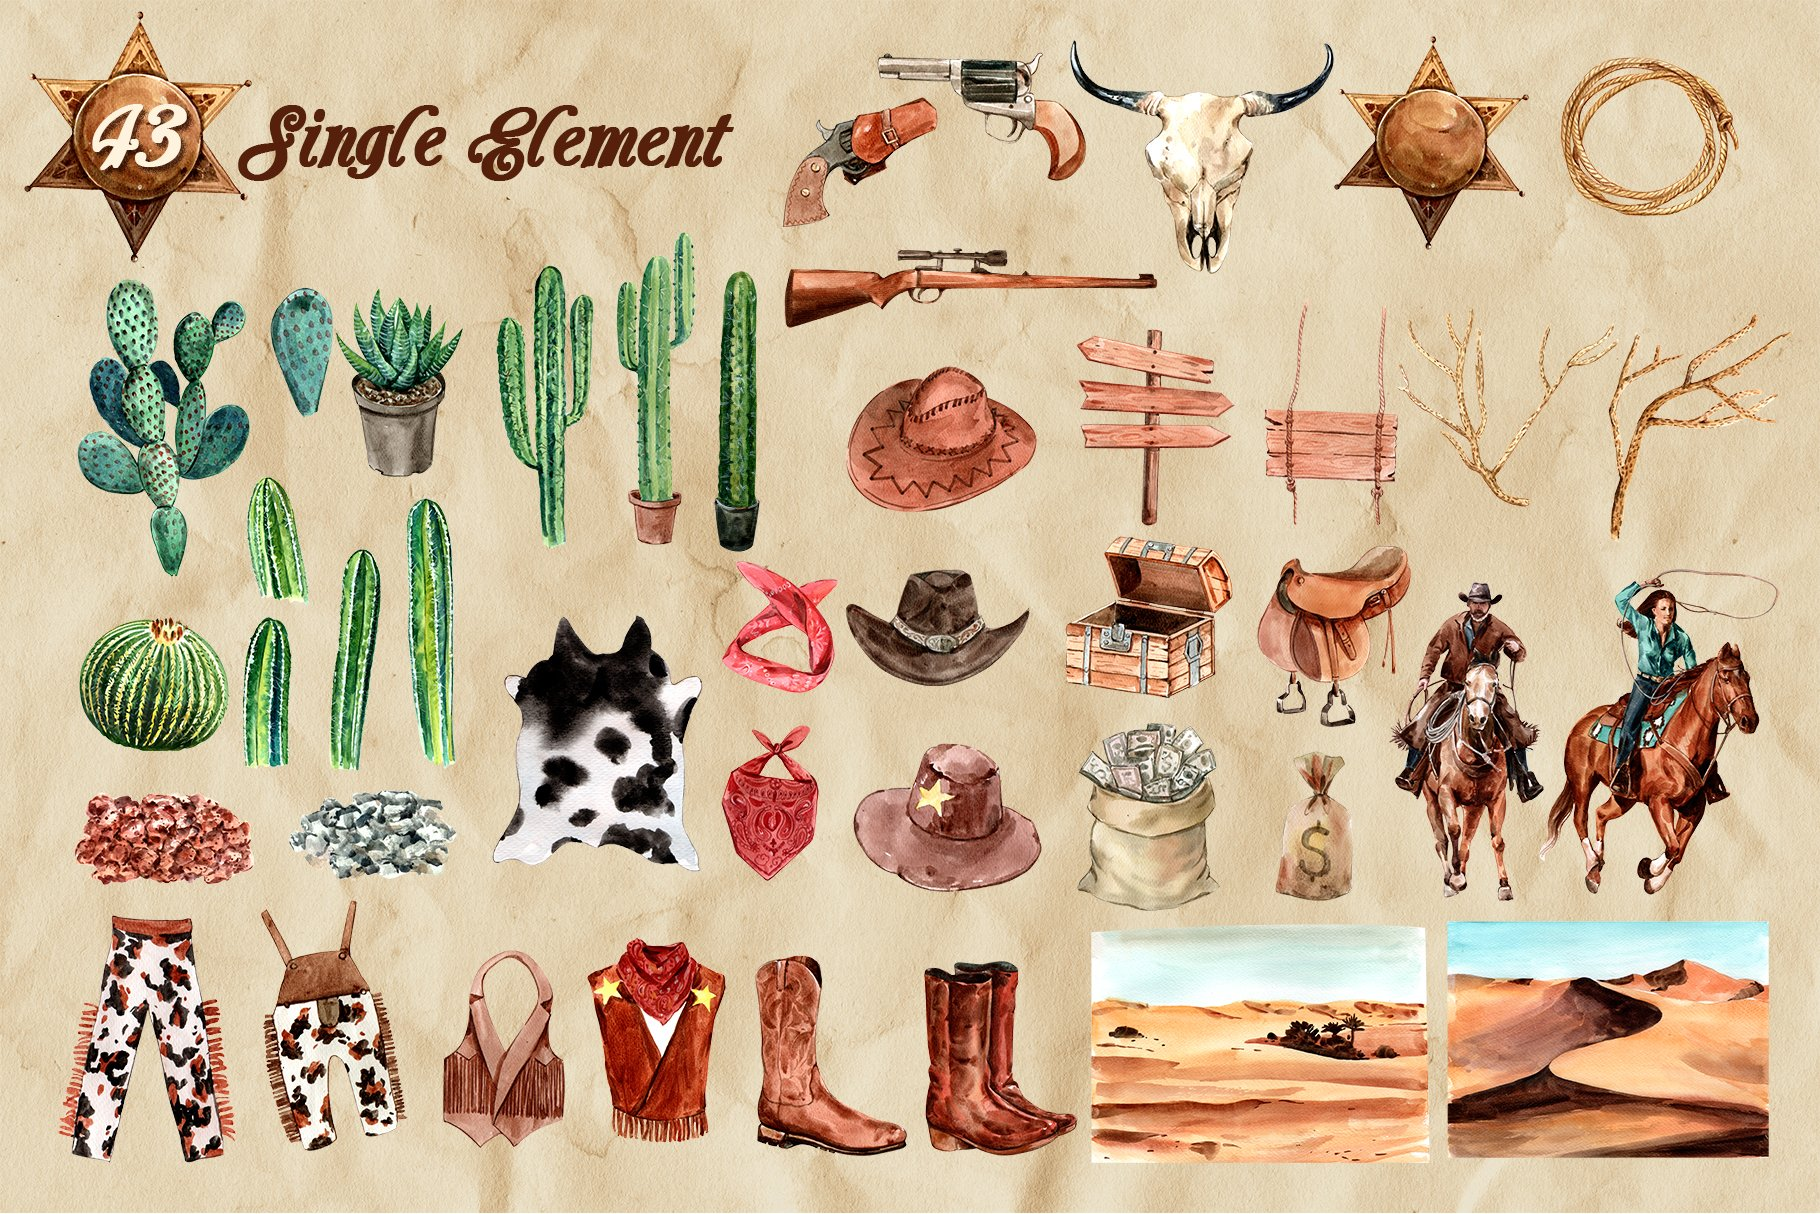 牛仔英雄元素水彩剪贴画PNG免抠图片素材 The Story of Cowboy Hero Watercolors Set插图(8)